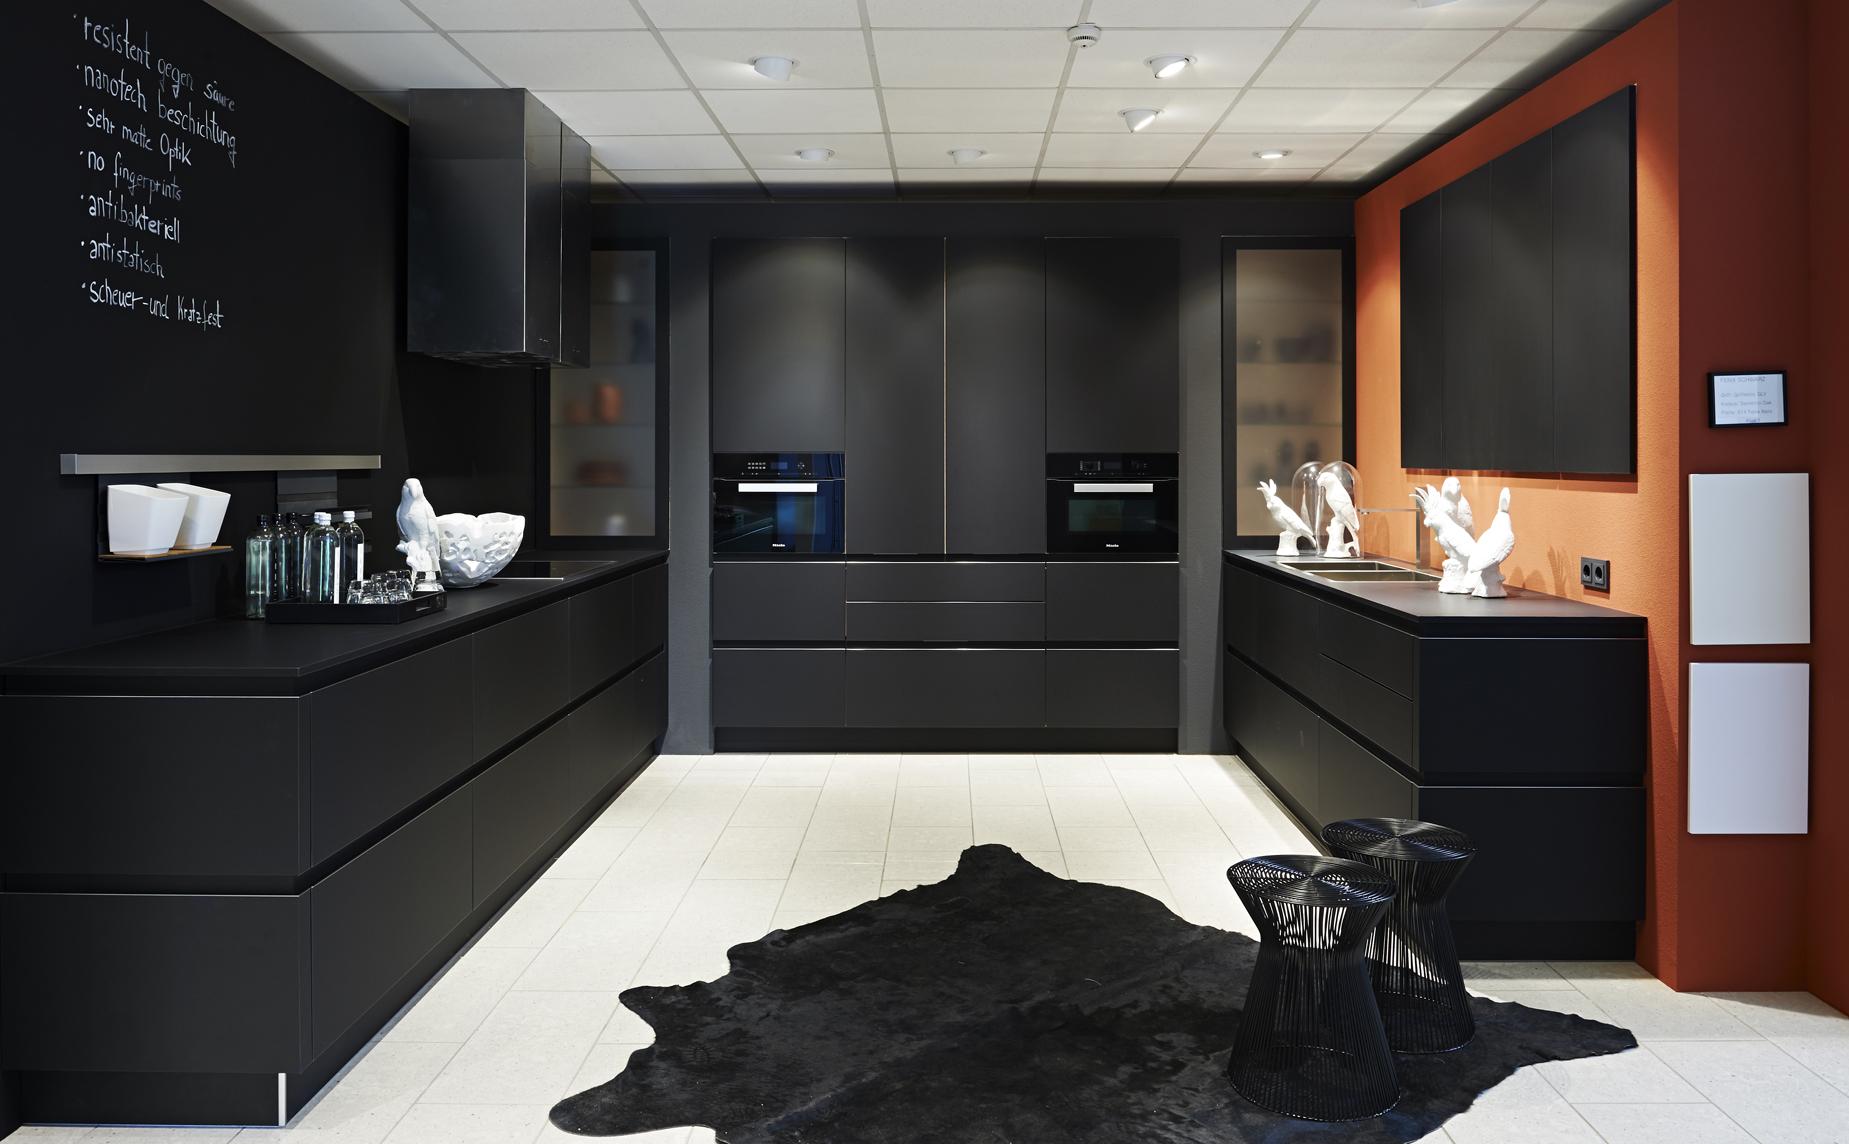 Strakke Zwarte Keuken : Inspiratie verhaegen keukens